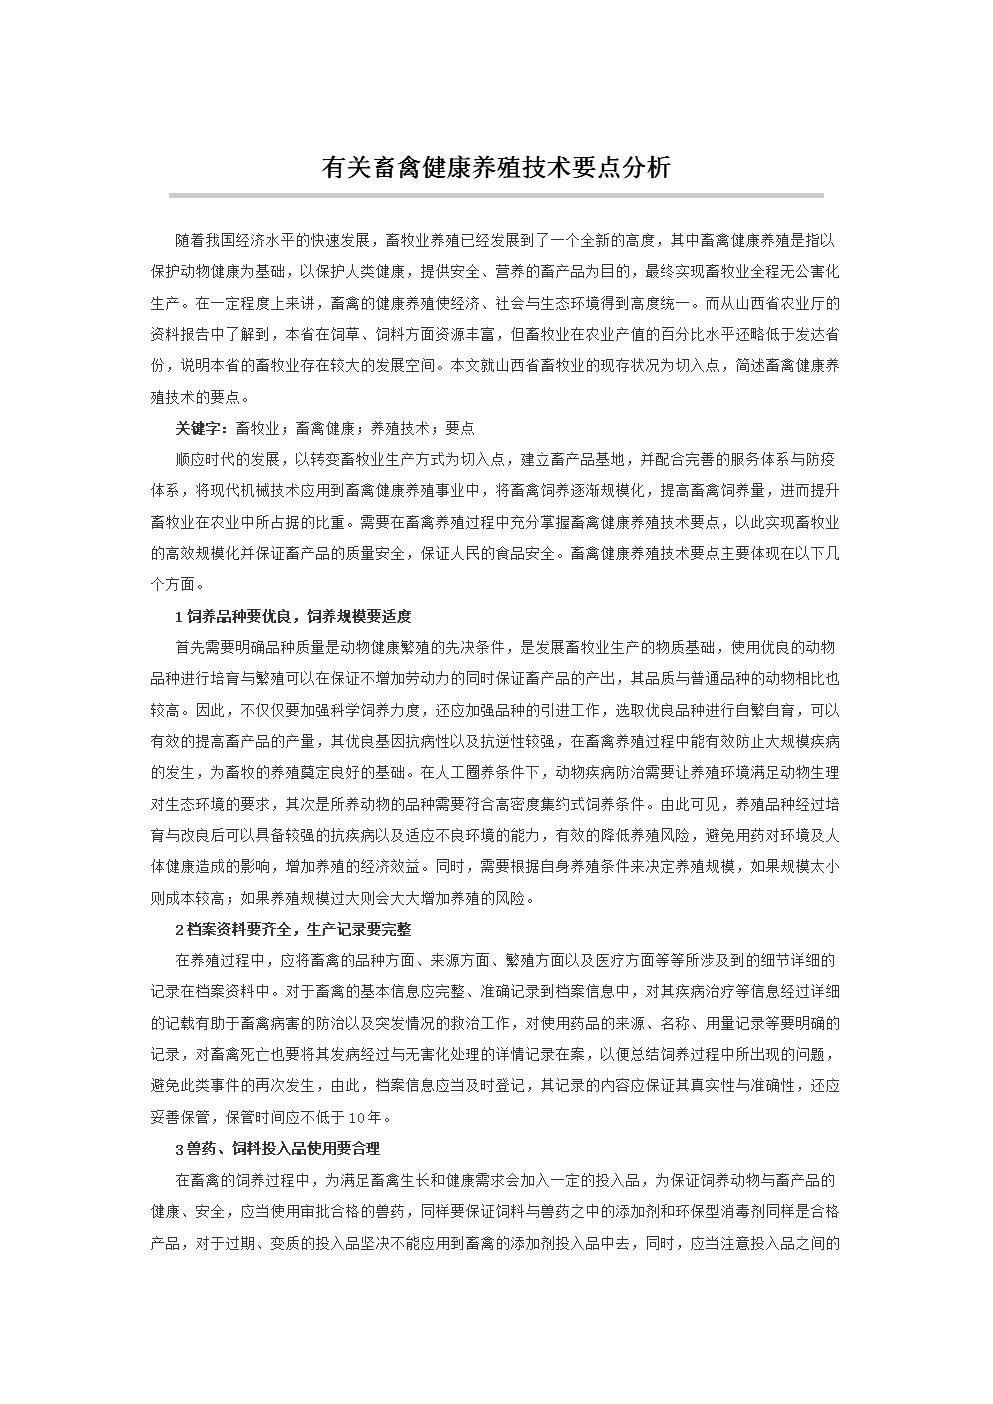 有关畜禽健康养殖技术要点分析.doc